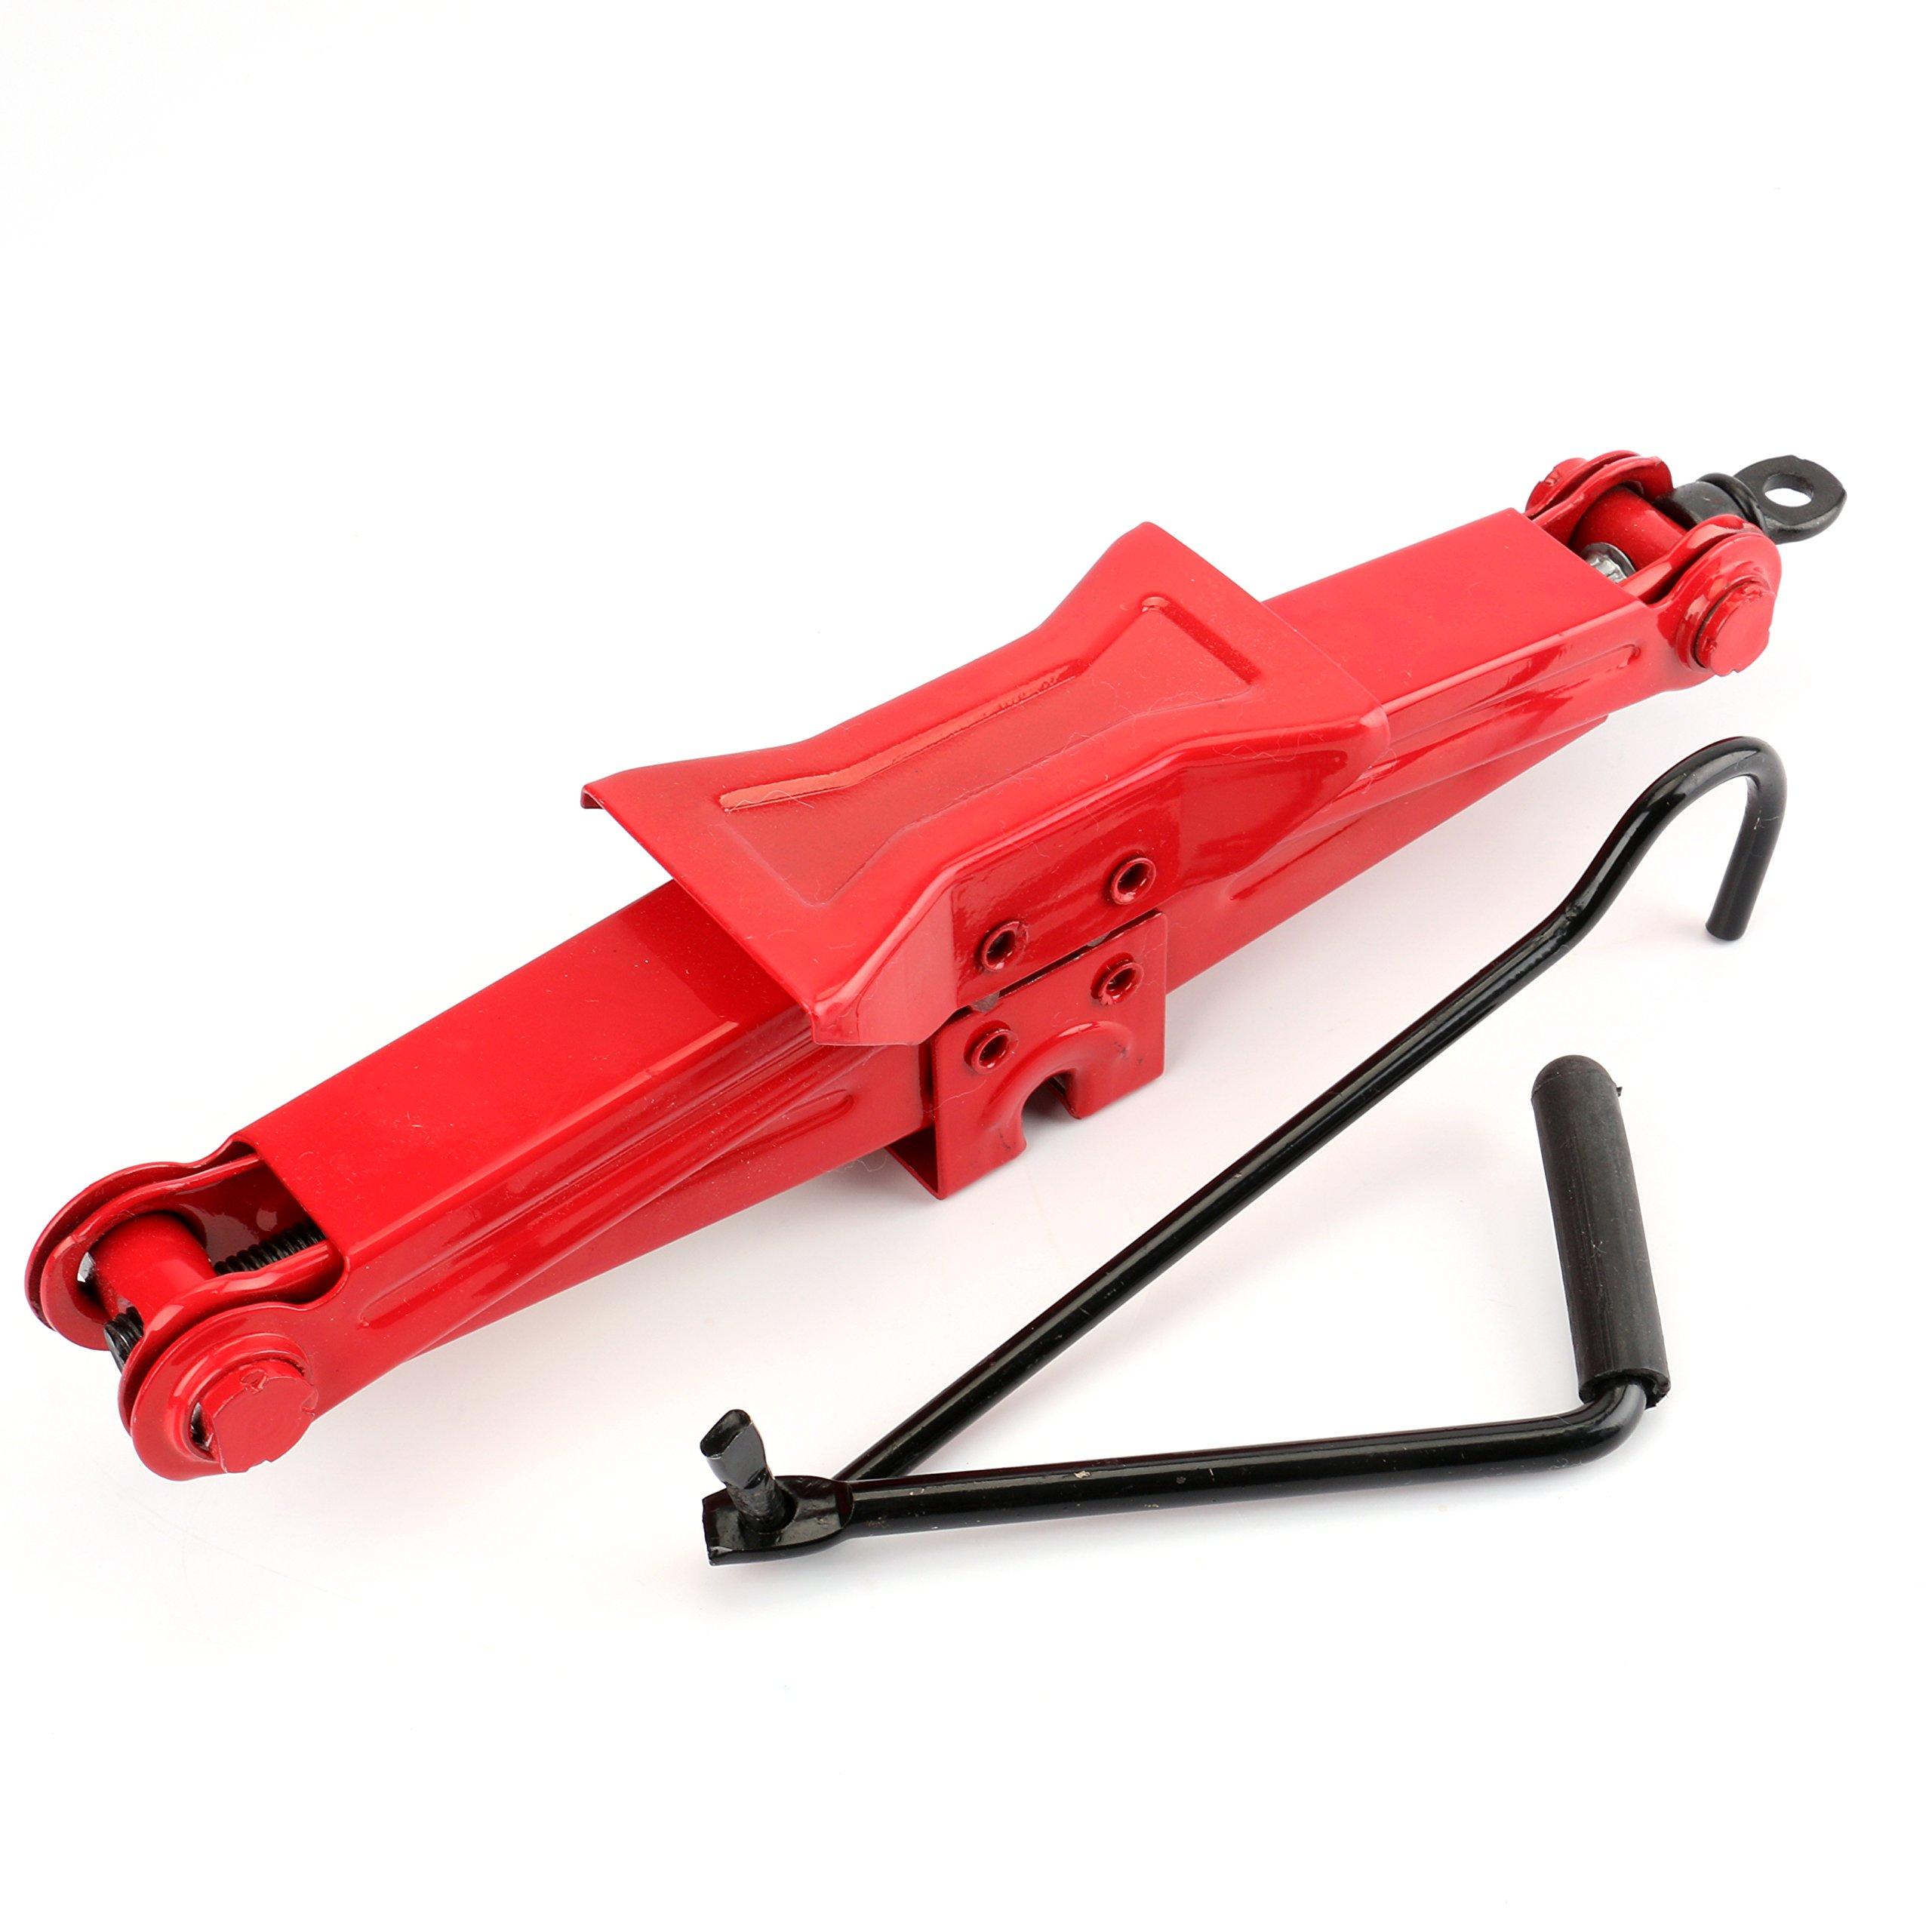 Fasmov Scissor Jack-1.5 Ton,Red by Fasmov (Image #2)